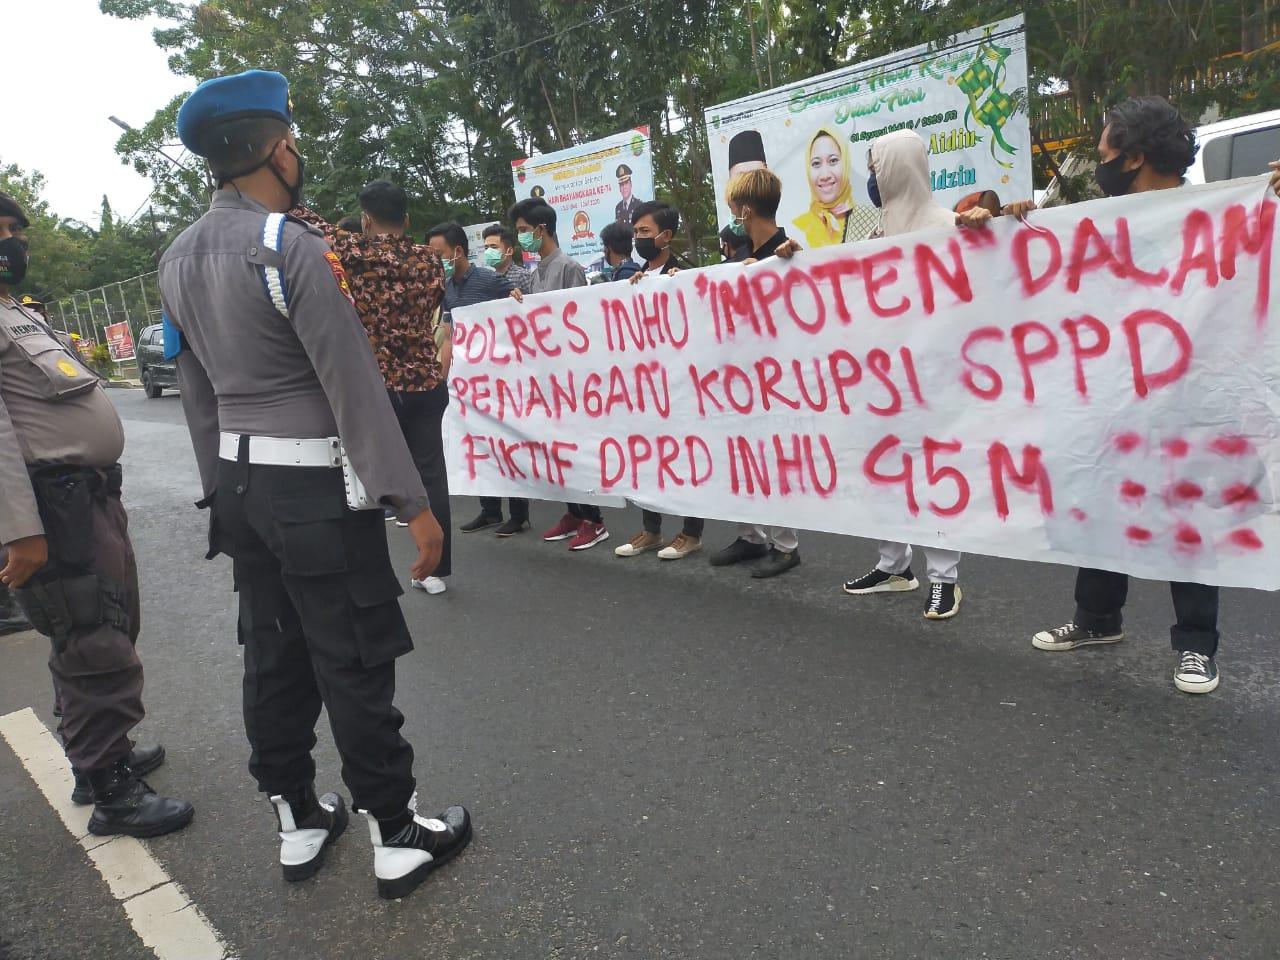 Forba Demo Polres, Tuntut Penetapan Tersangka SPPD Fiktif di DPRD Inhu